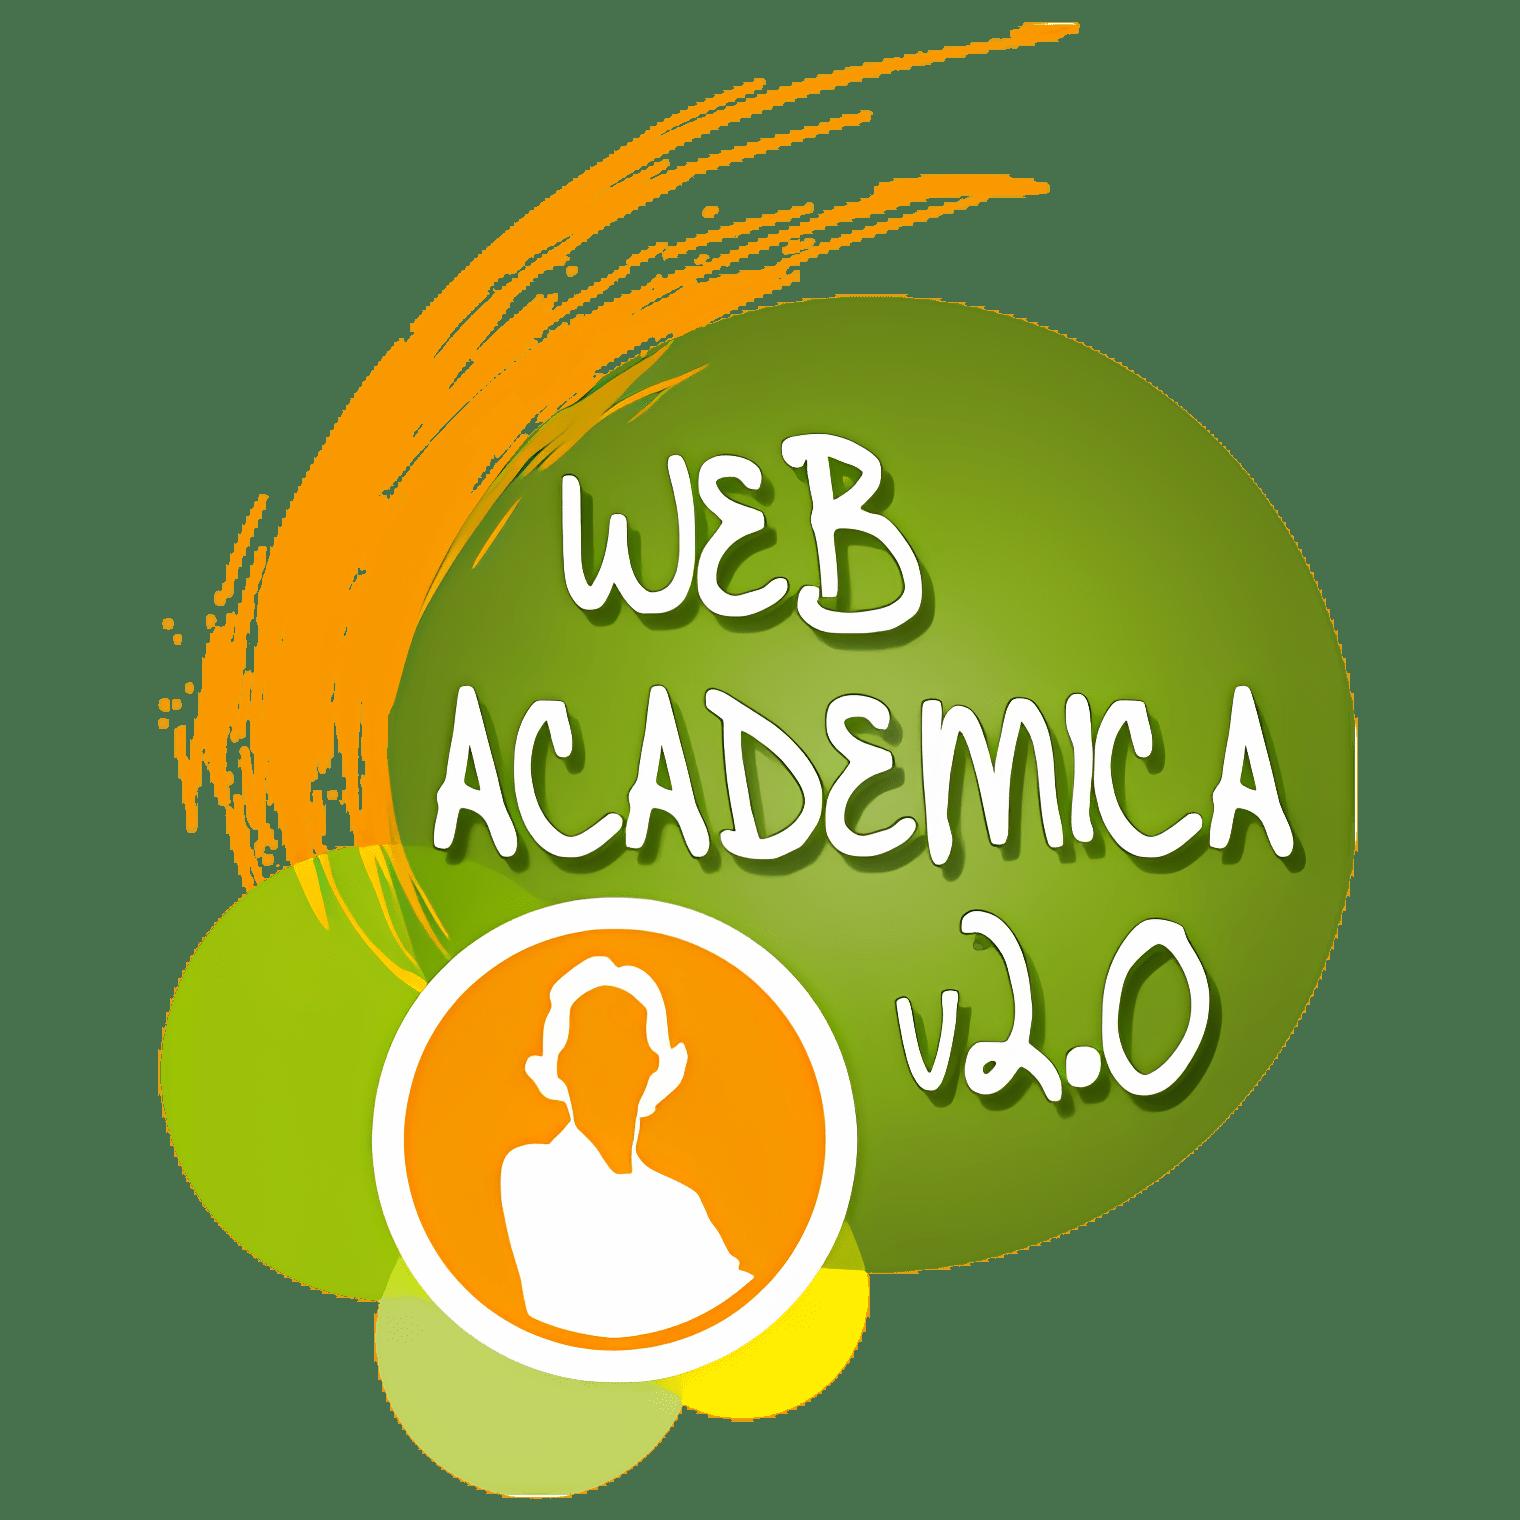 Web Académica V 2.0 2